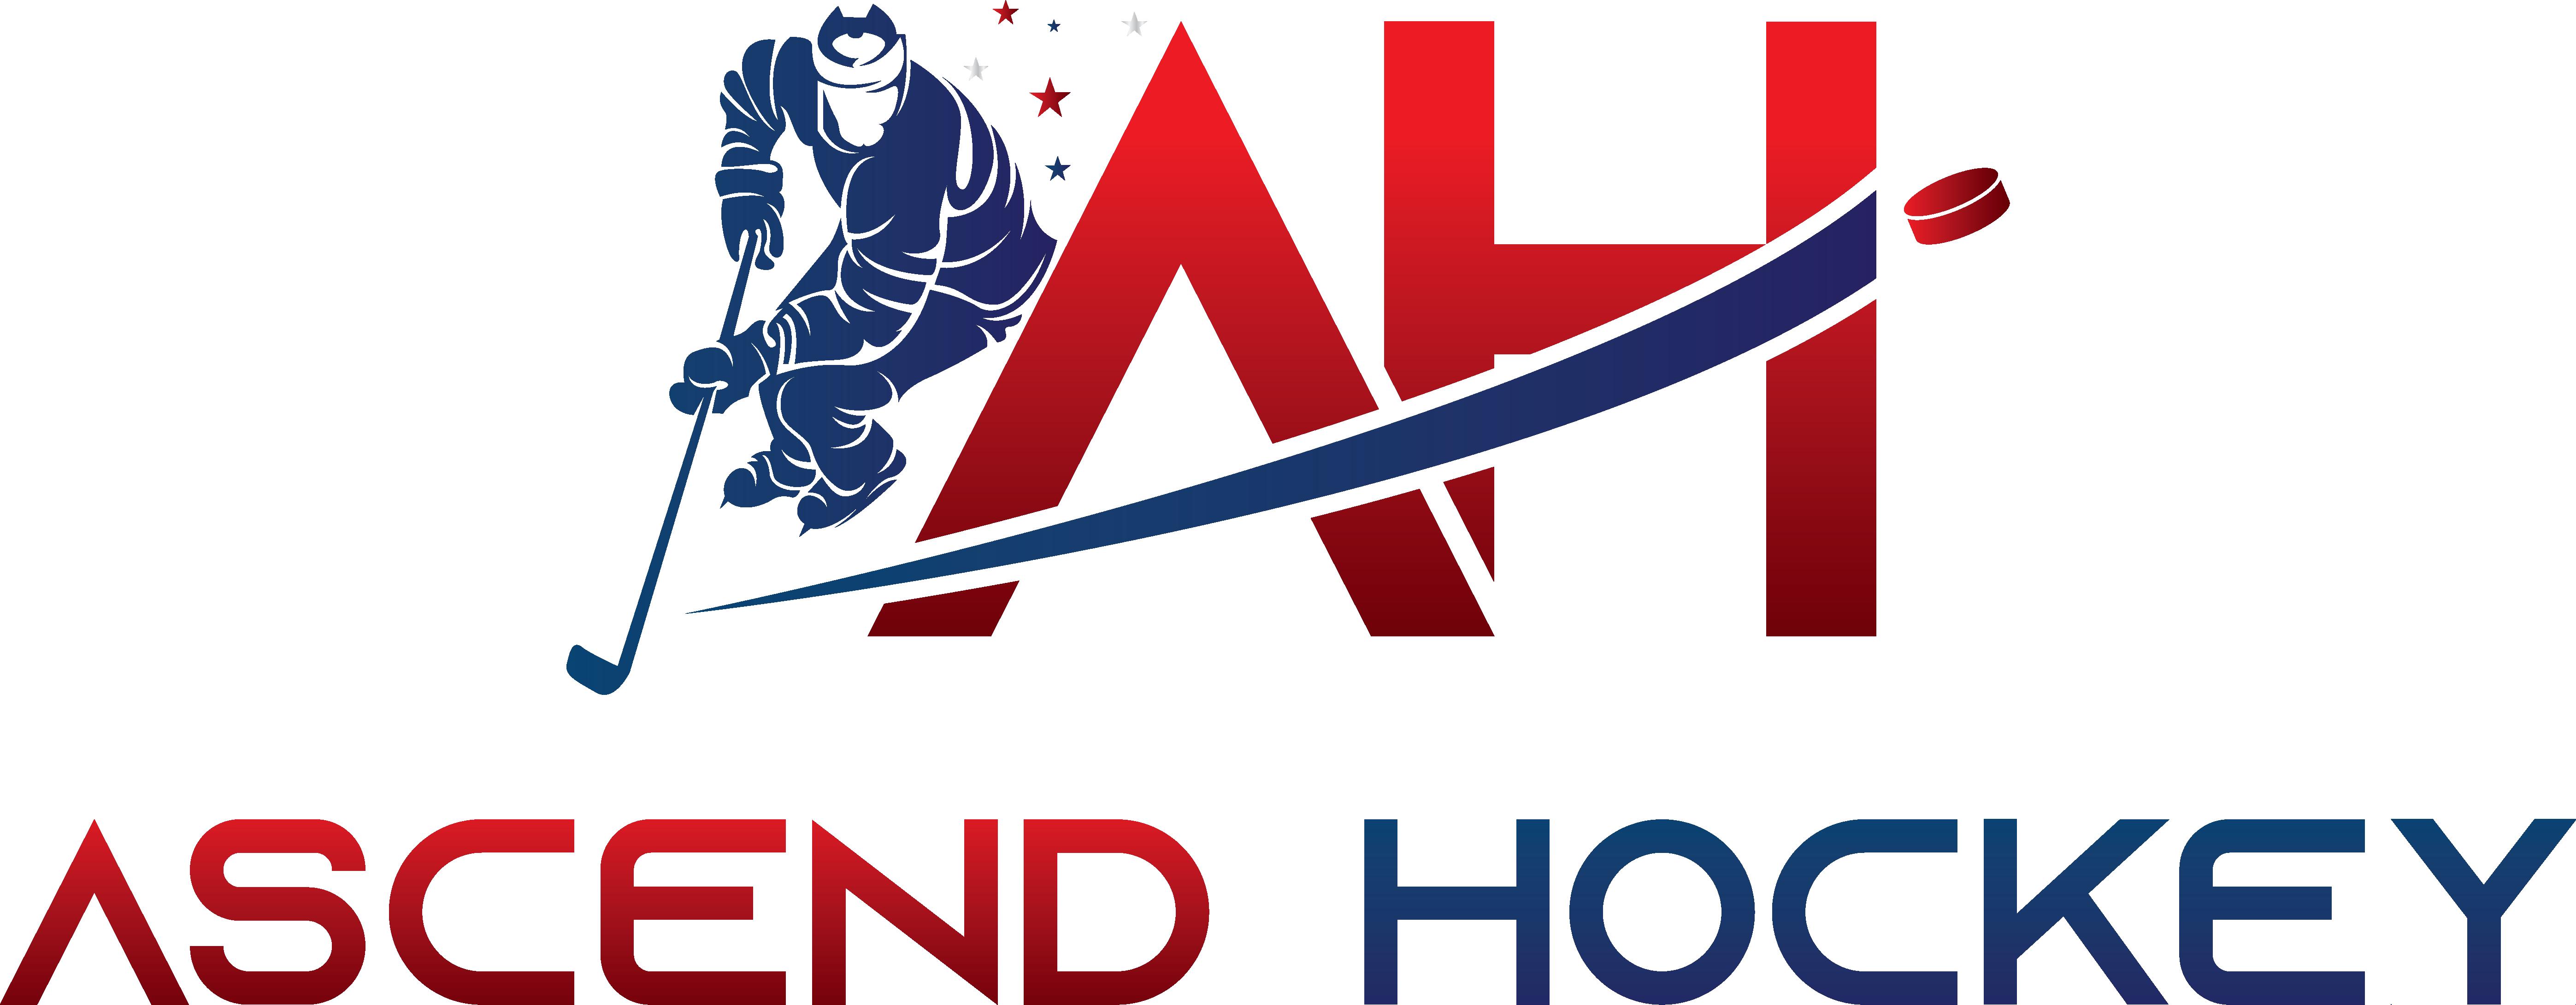 Ascend Hockey Camp Registration